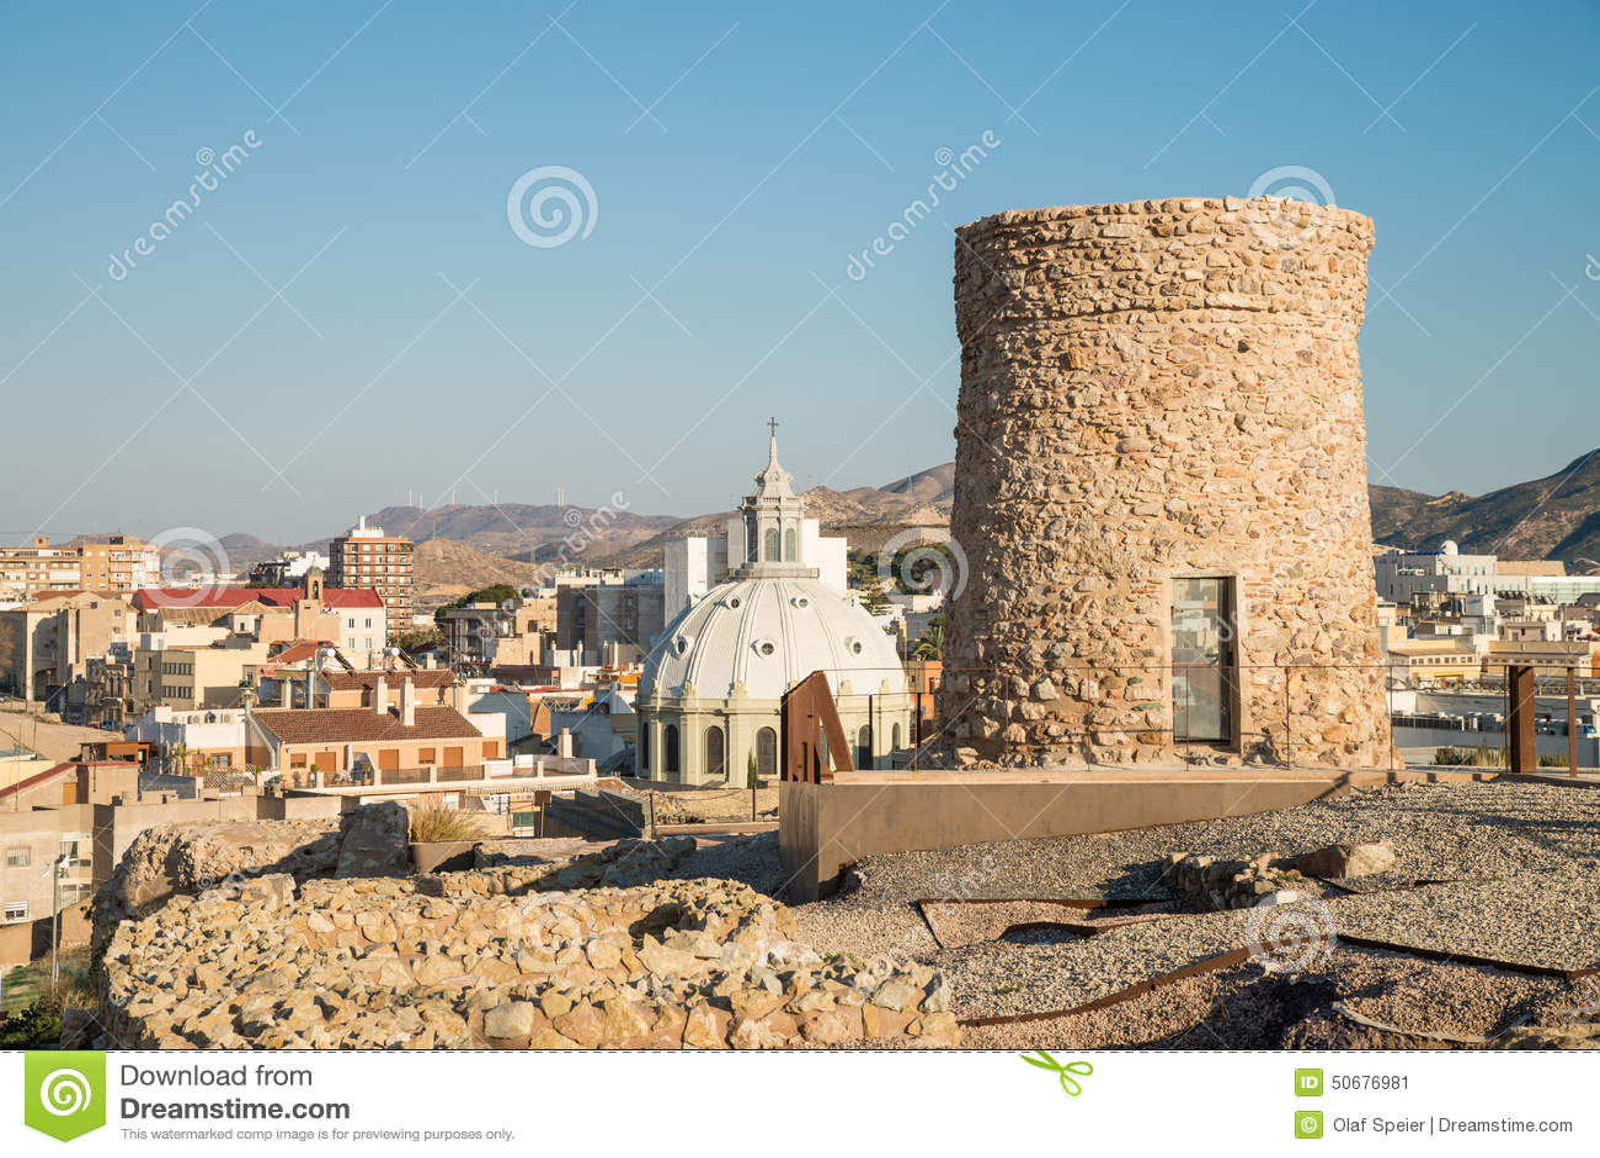 Download 卡塔赫钠 库存图片. 图片 包括有 中心, 水平, 城市, 小山顶, 圆顶, 城堡, 堡垒, 有历史, 布琼布拉 - 50676981